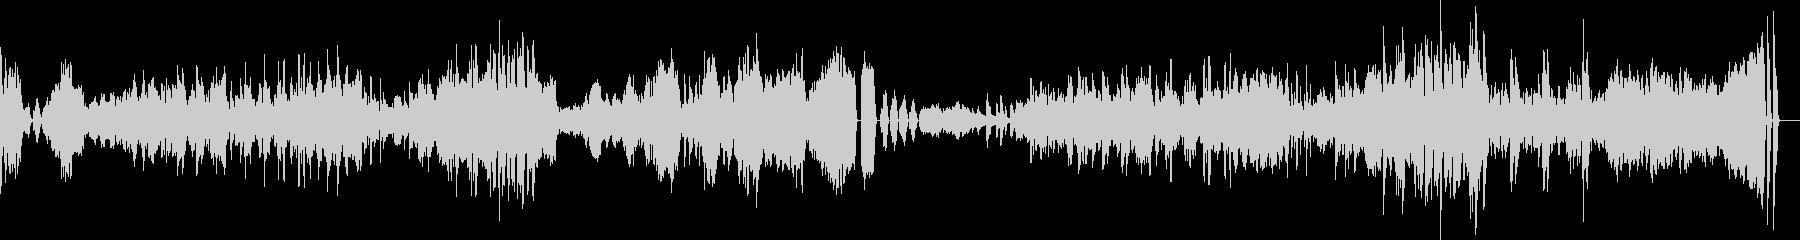 ベートーヴェンのピアノソナタ23番熱情の未再生の波形